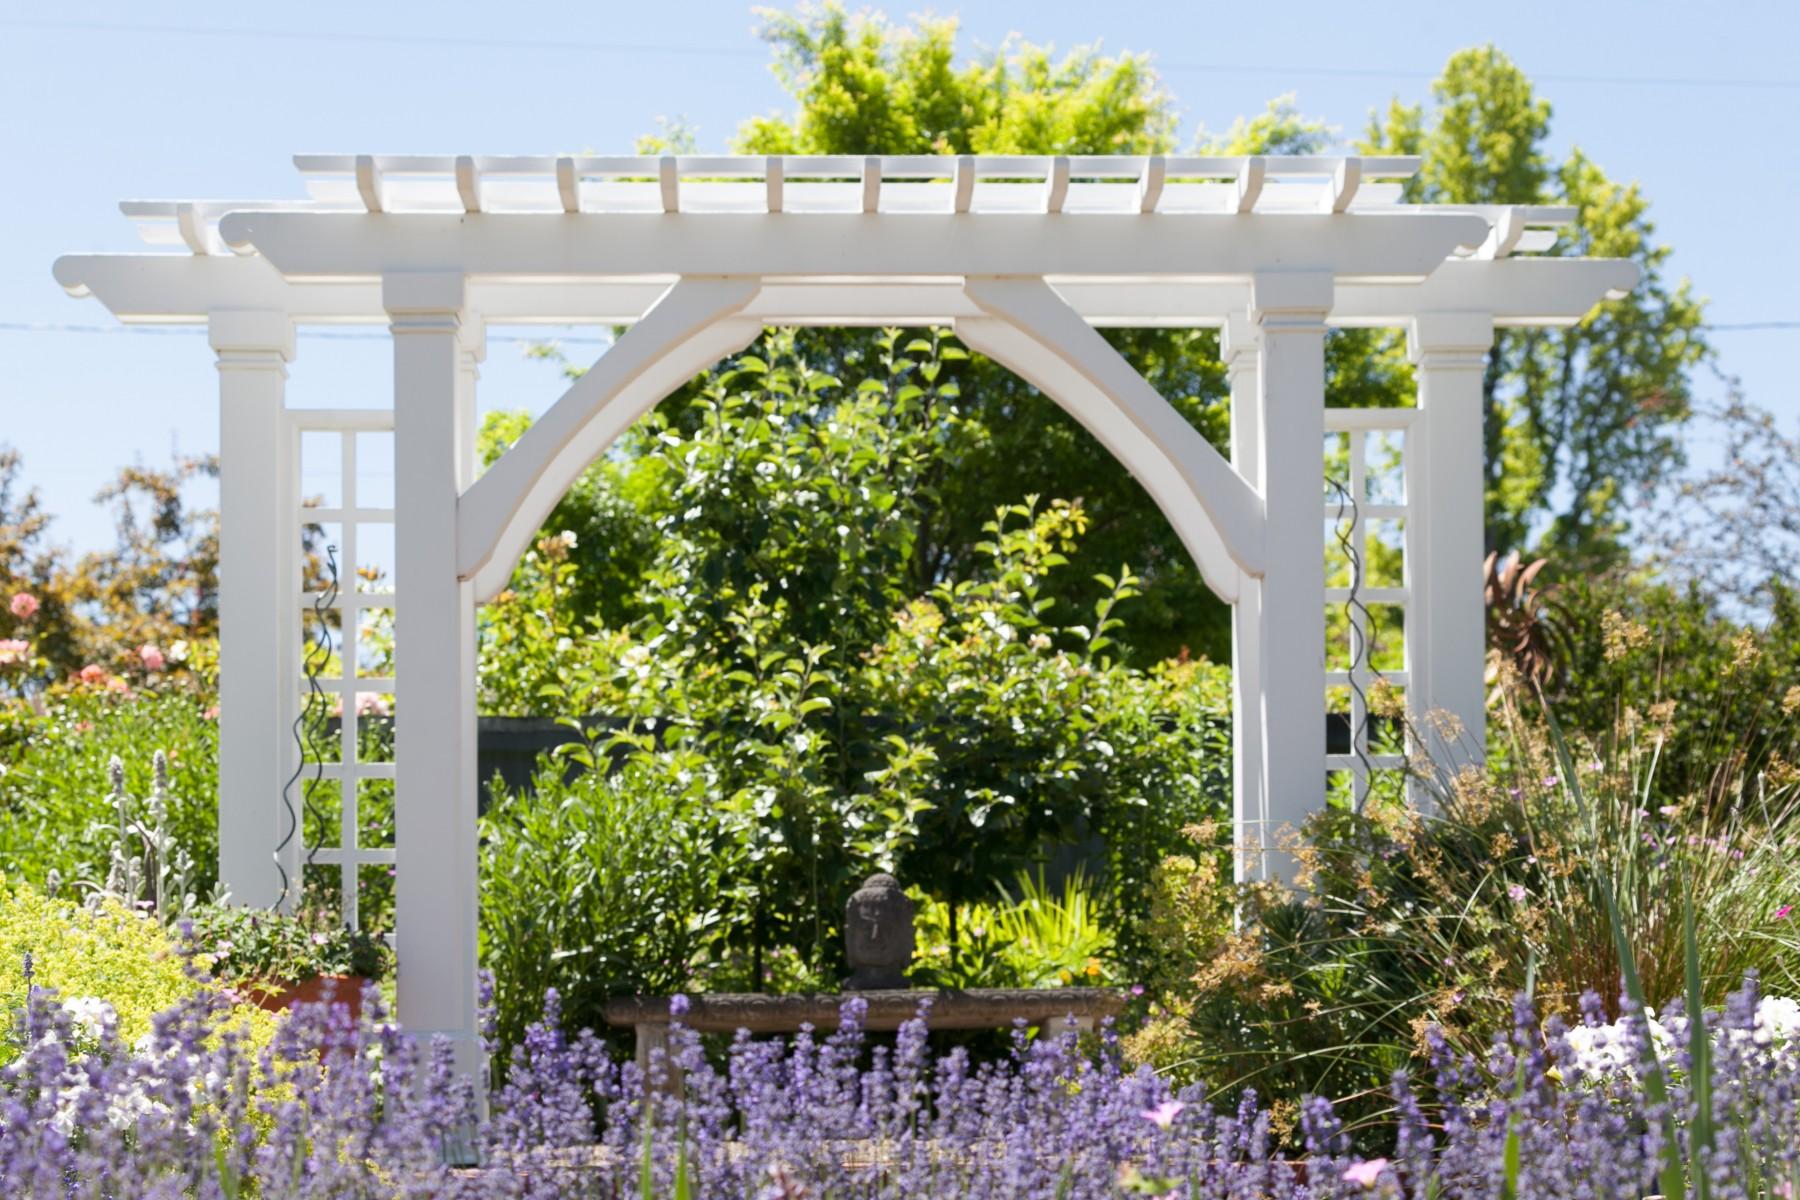 206 NW 8th Street, Corvallis, Oregon-Garden trellis